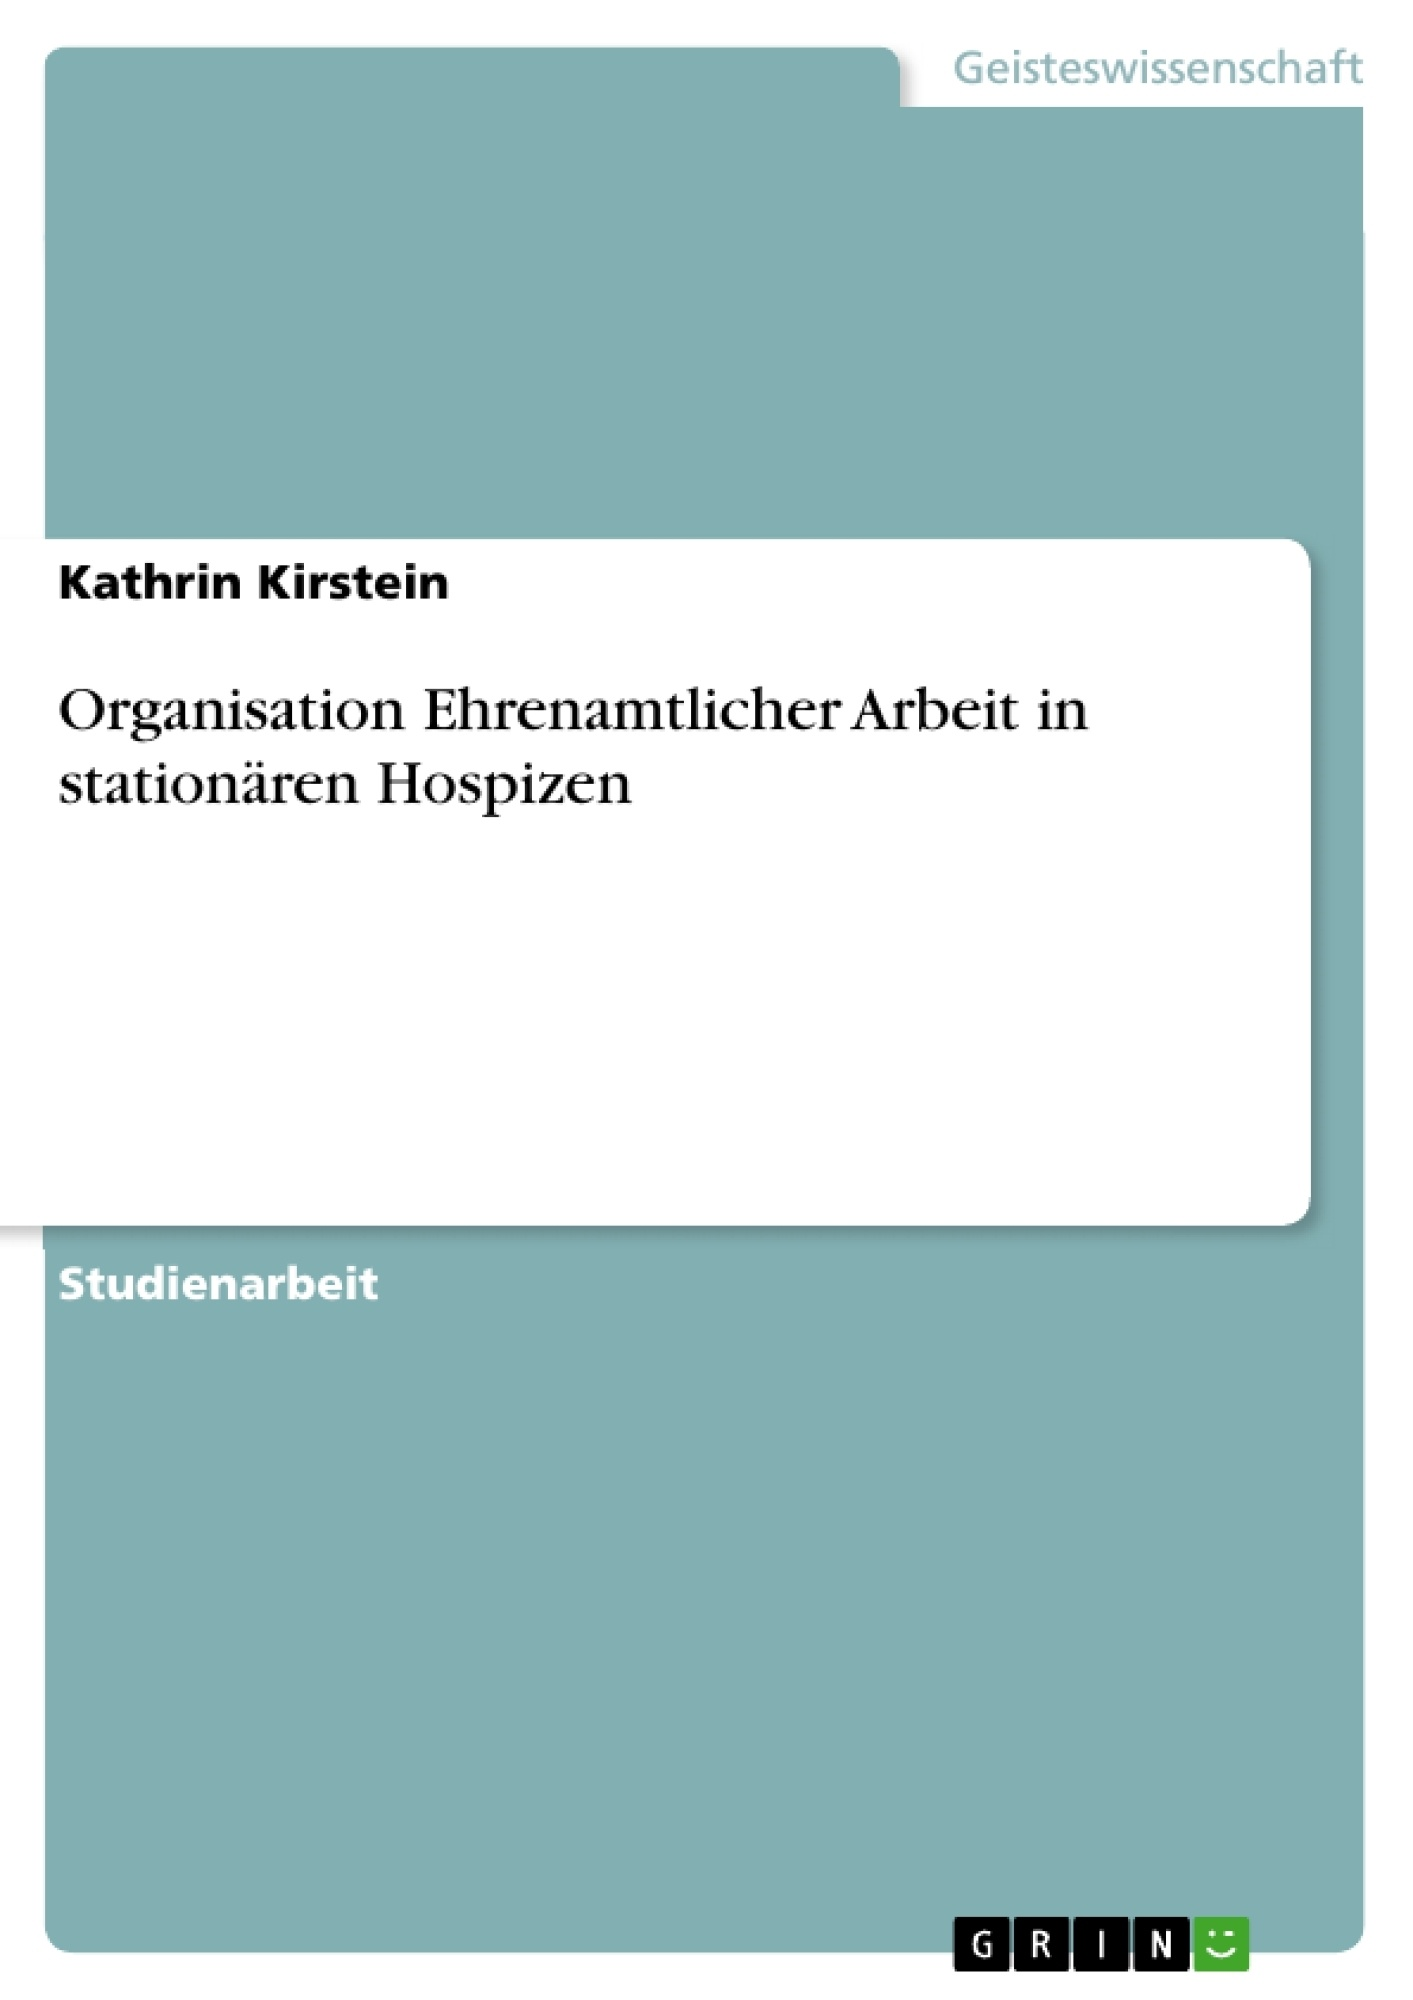 Titel: Organisation Ehrenamtlicher Arbeit in stationären Hospizen